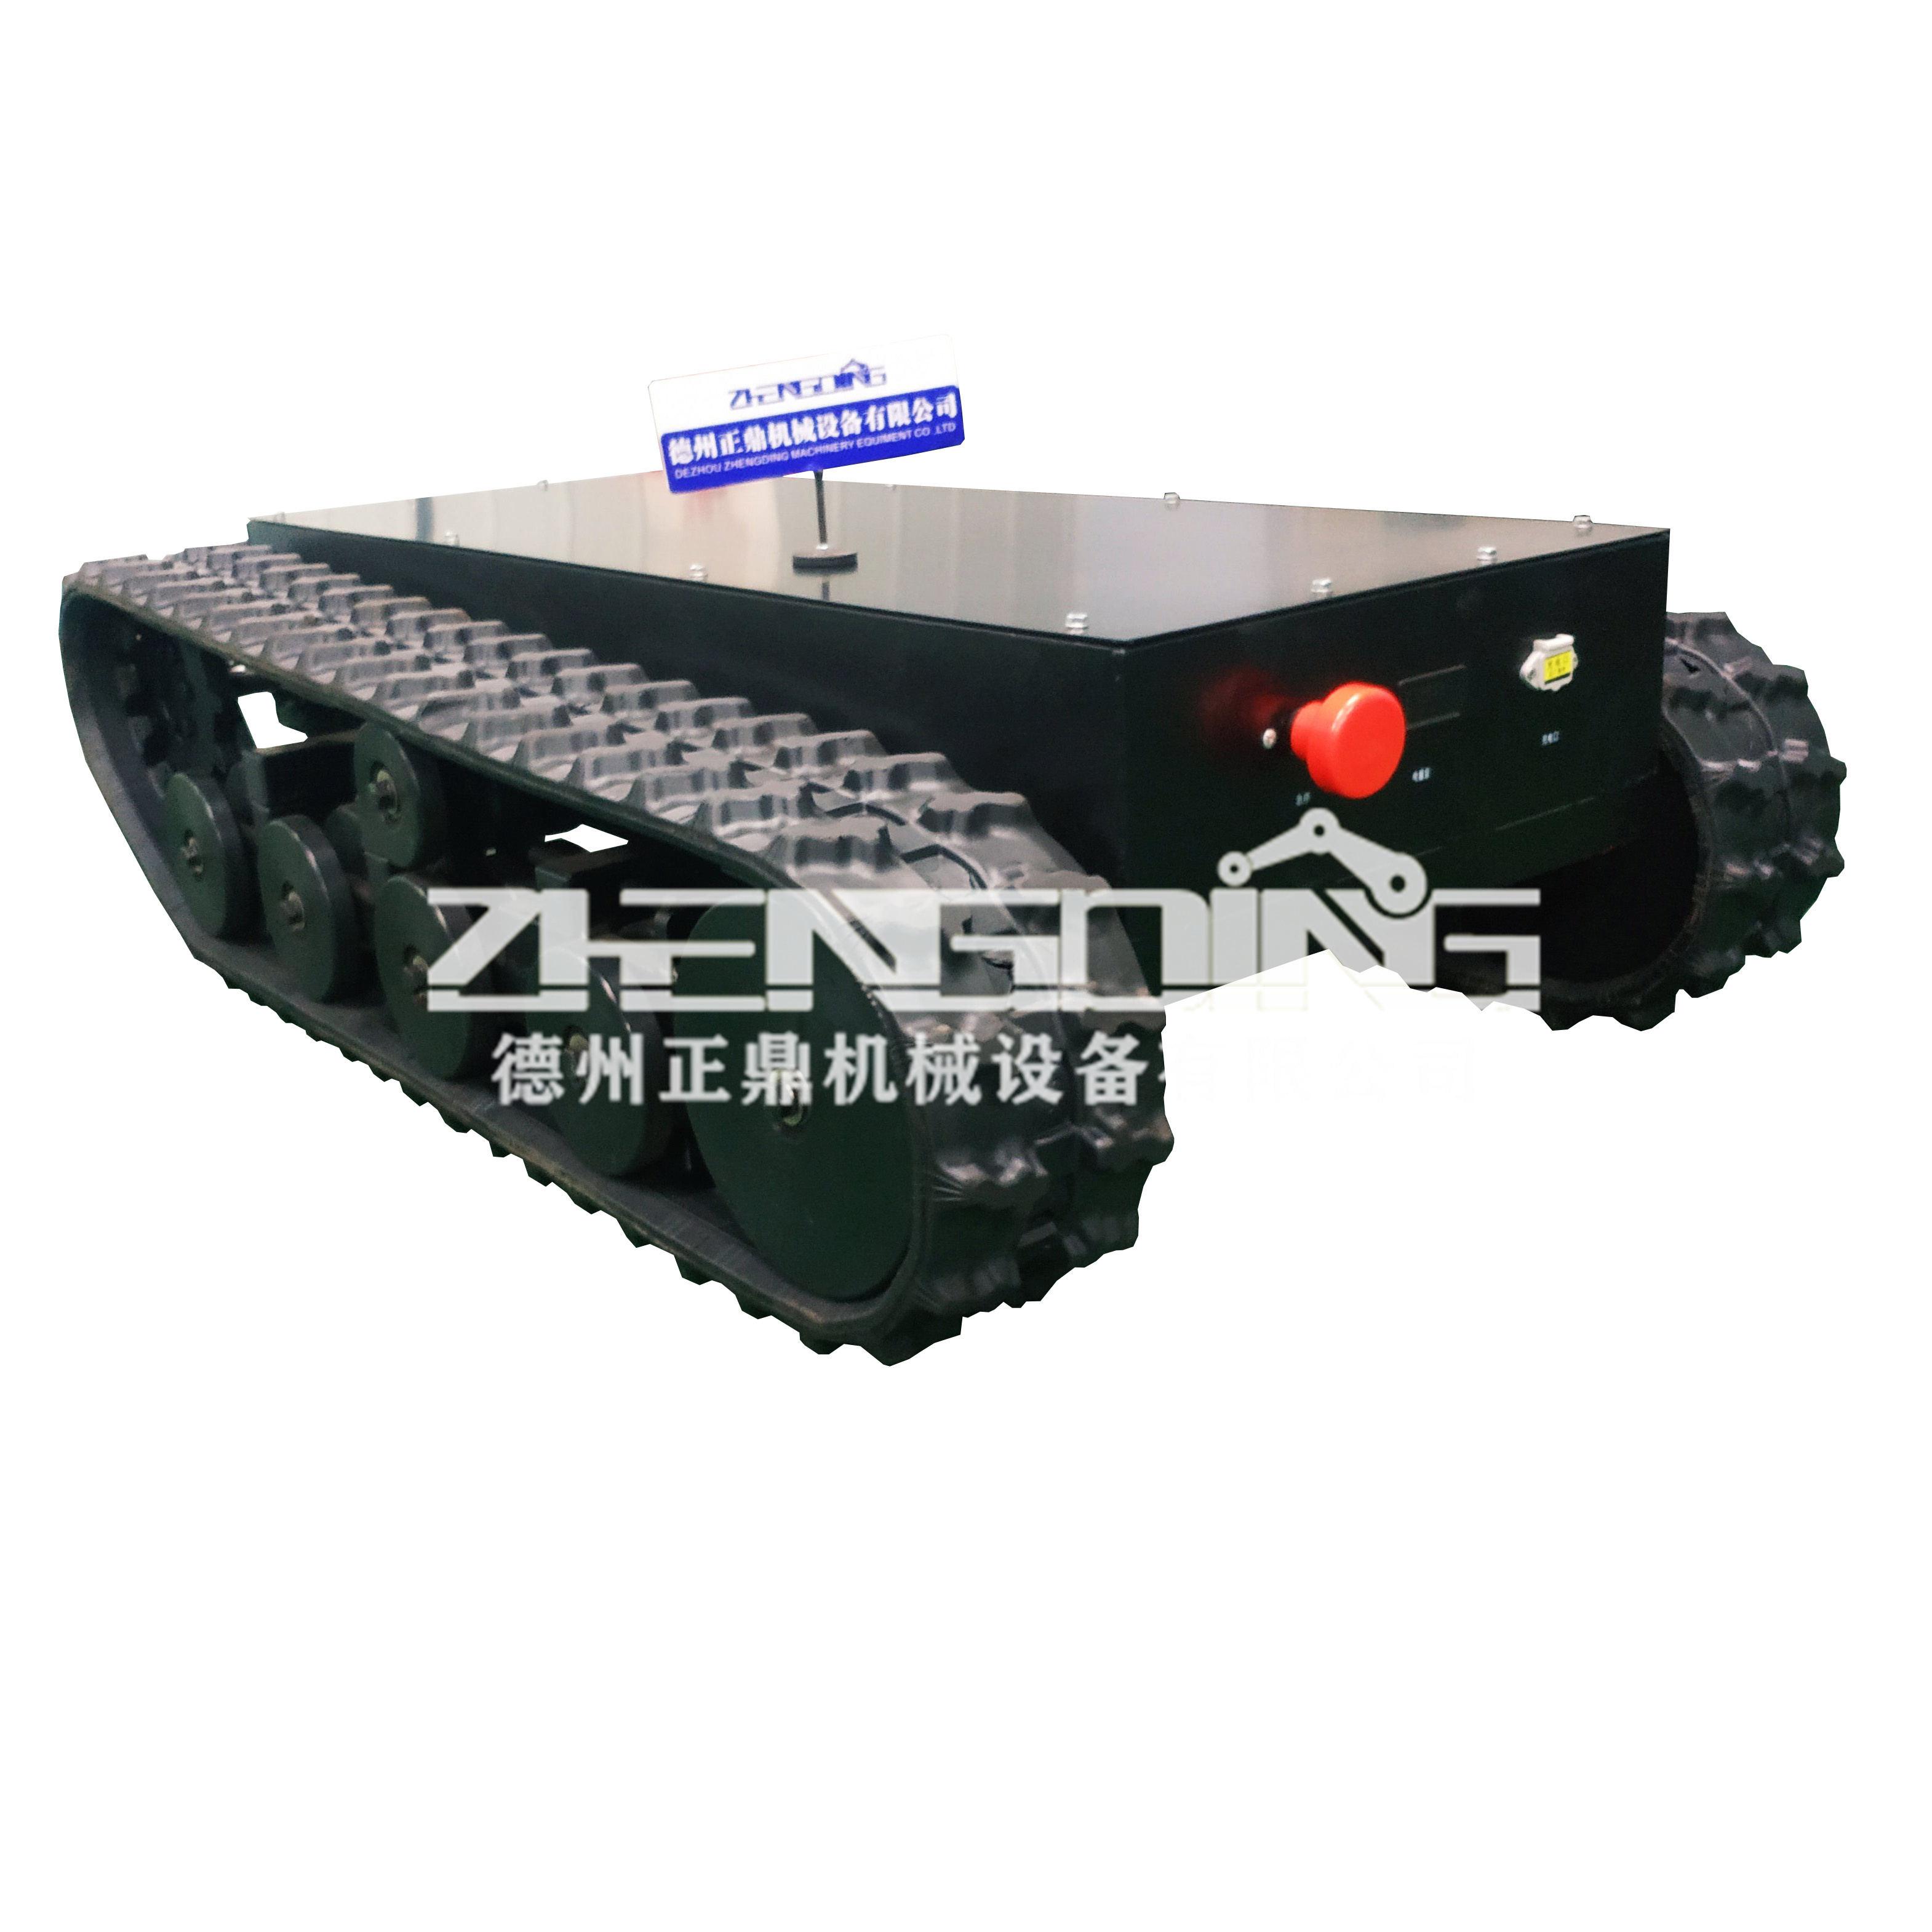 ZDDP-JHZY-150橡胶履带底盘